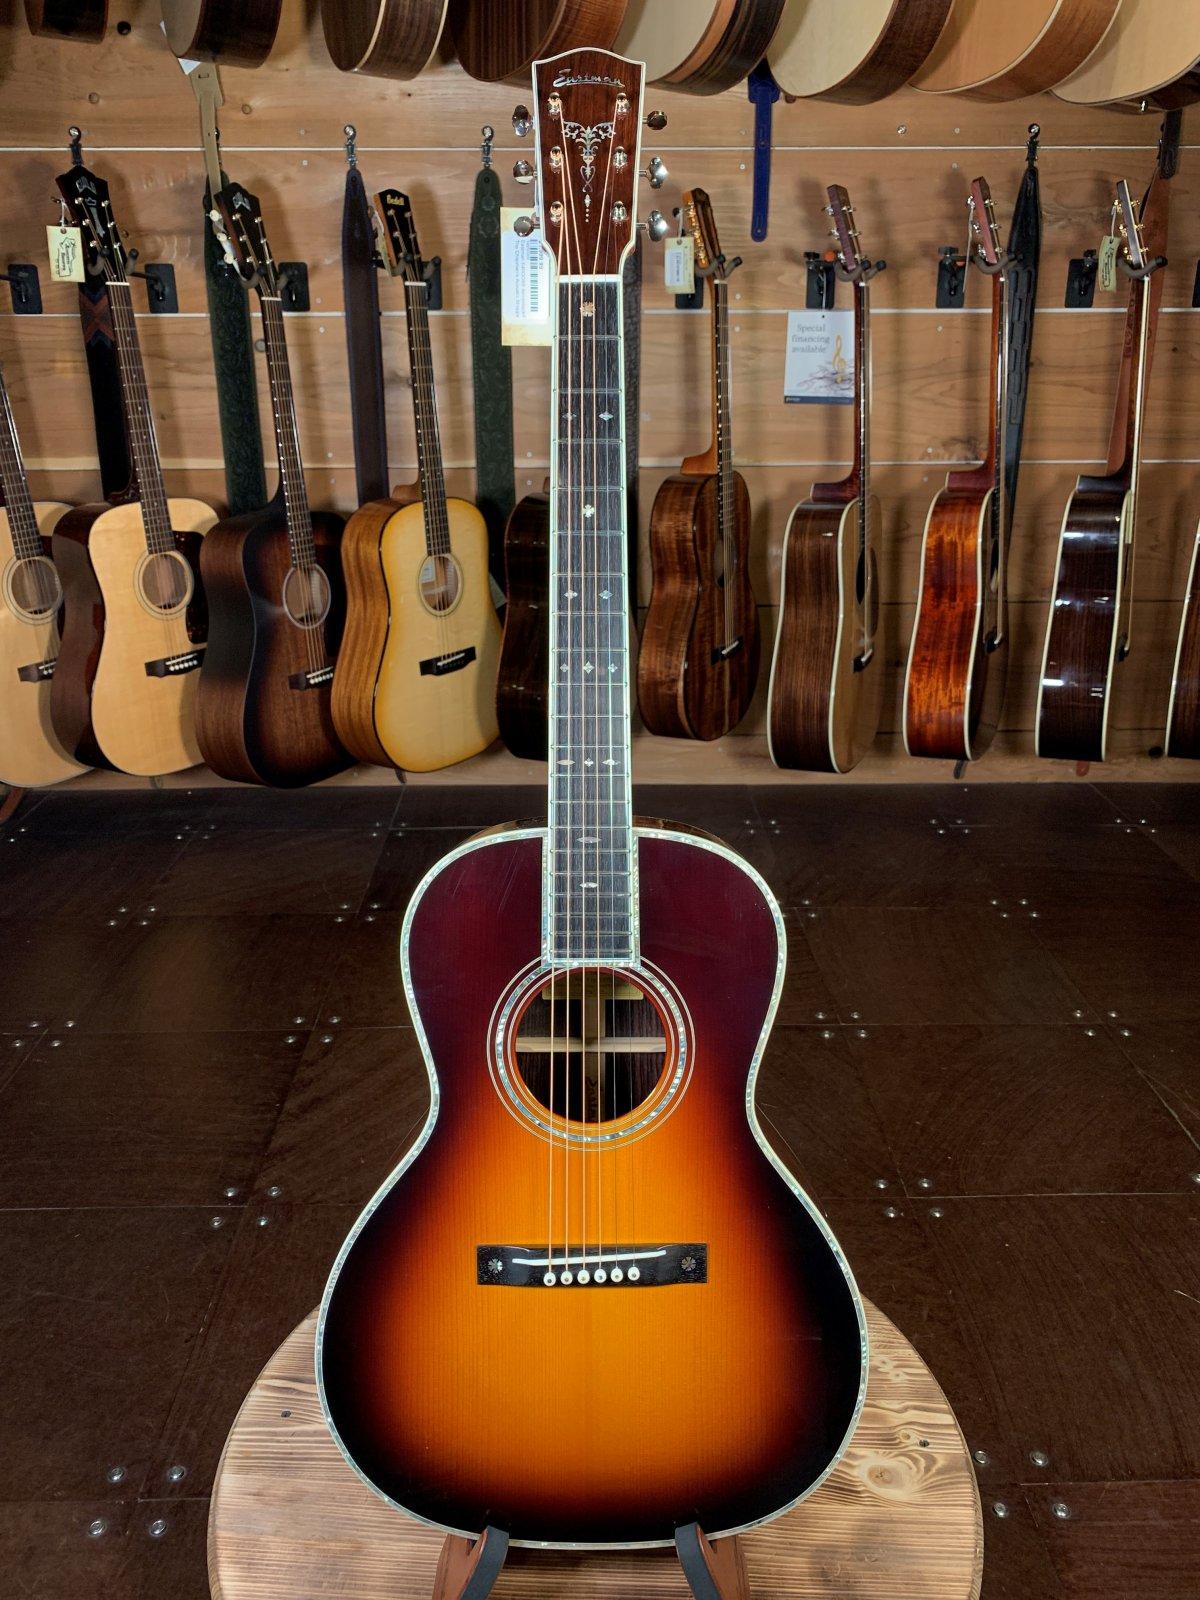 Eastman E40OOSS-SB Adirondack/Rosewood Slope Shoulder Sunburst Acoustic (One-Of-A-Kind) #0069